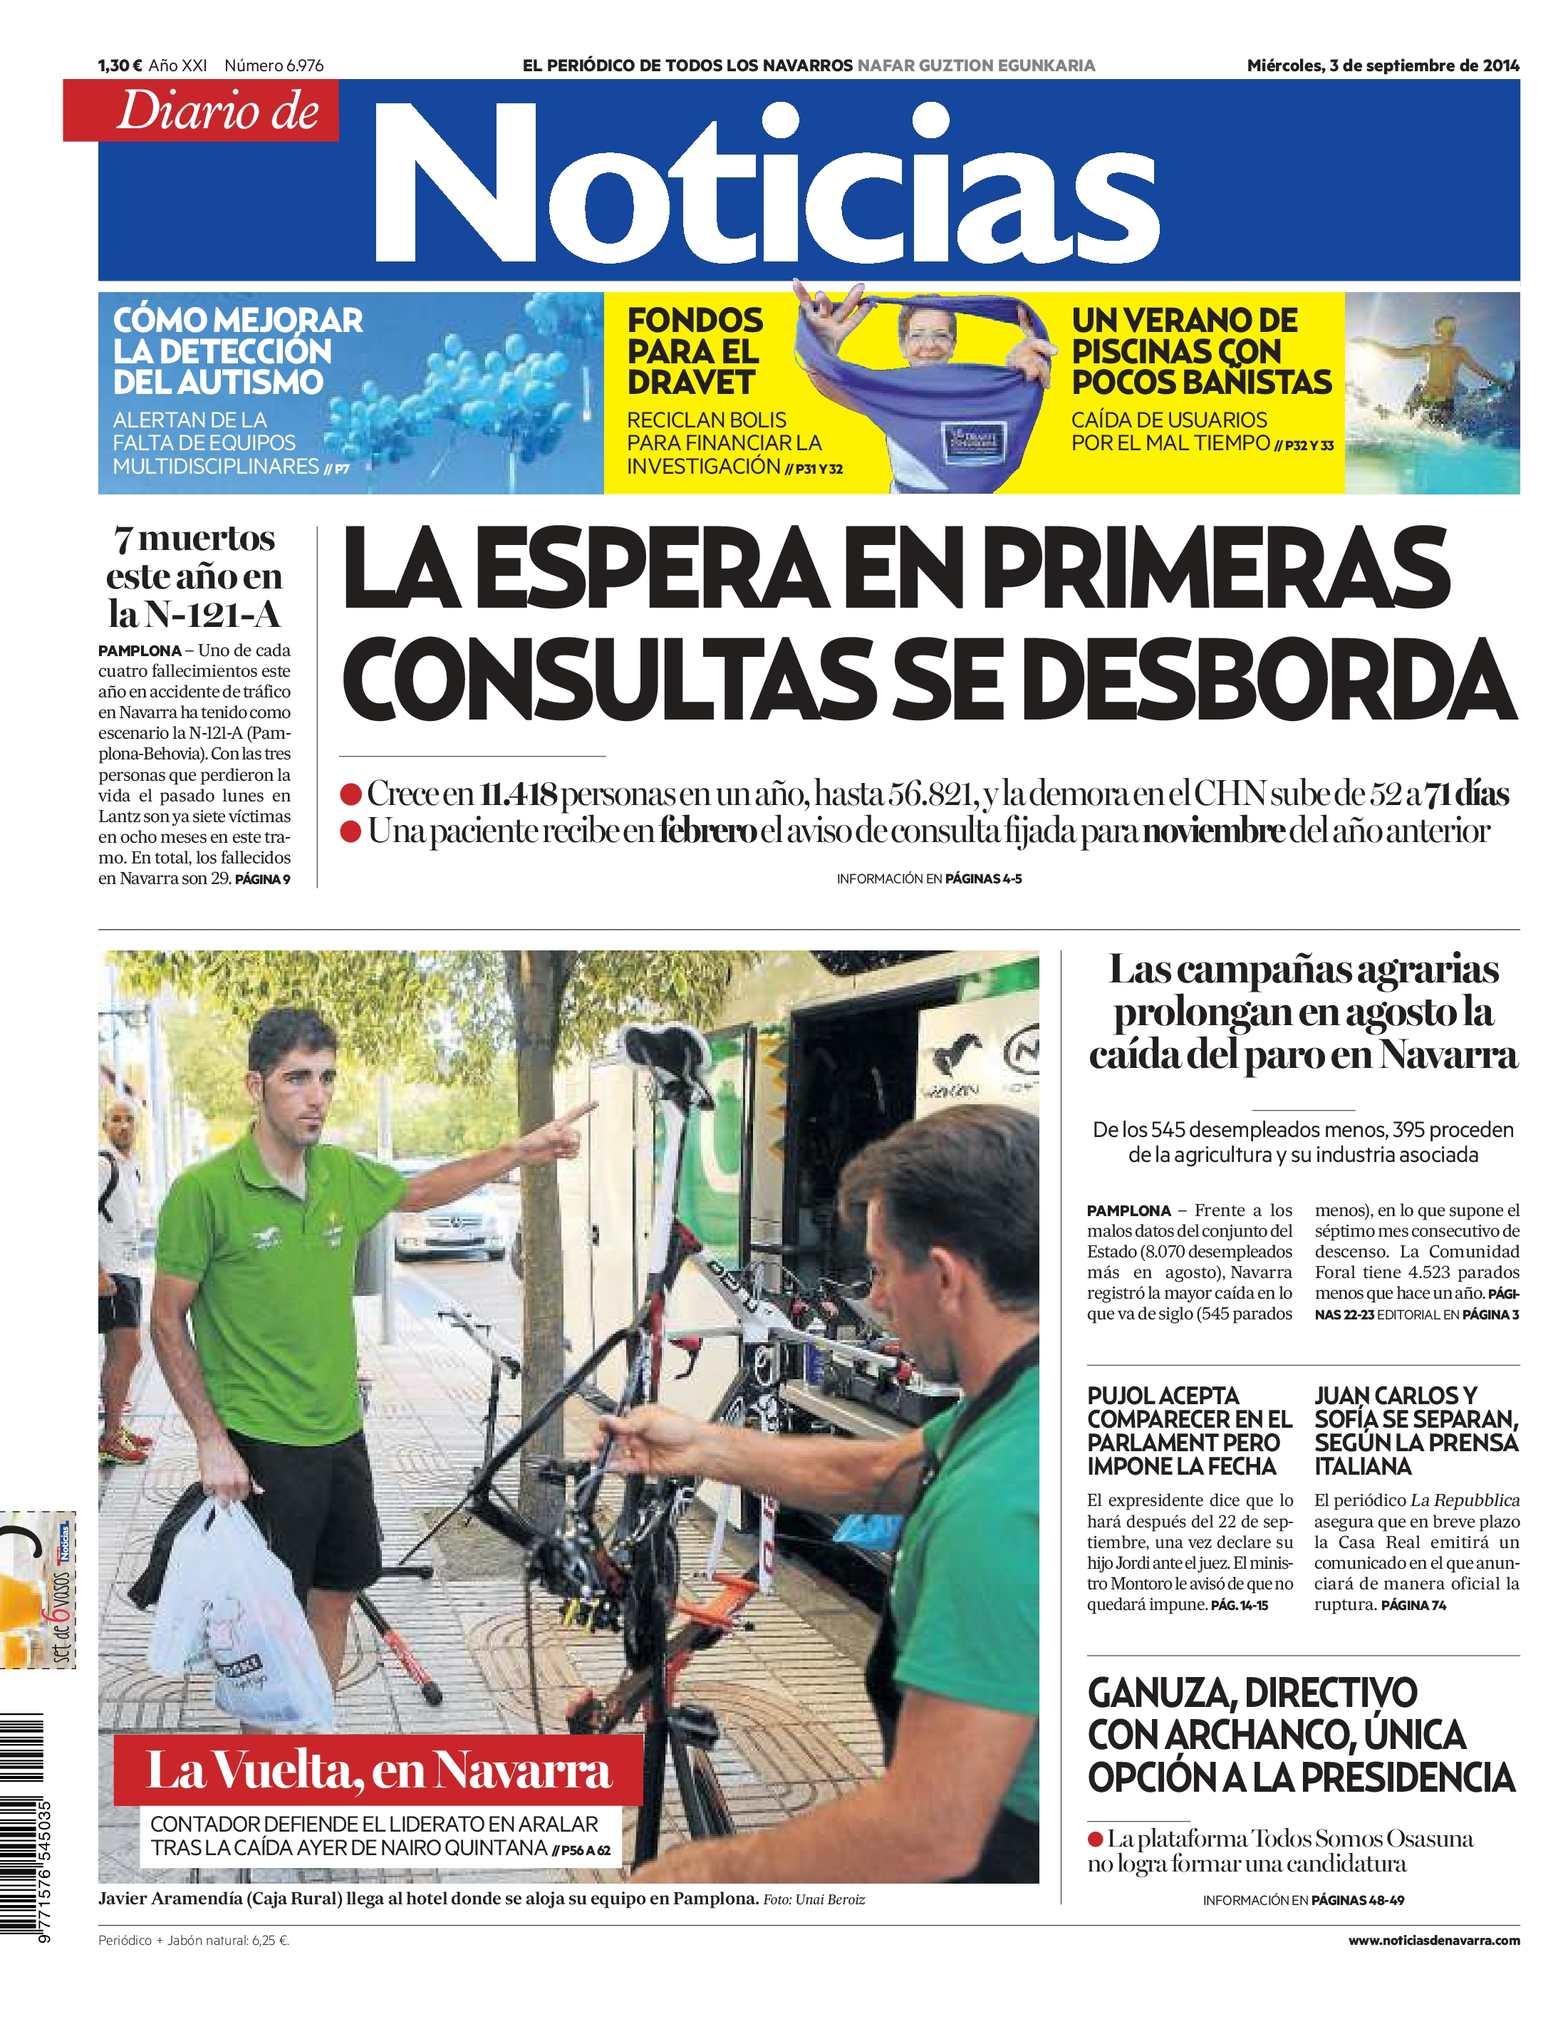 3a5800c5b183 Calaméo - Diario de Noticias 20140903